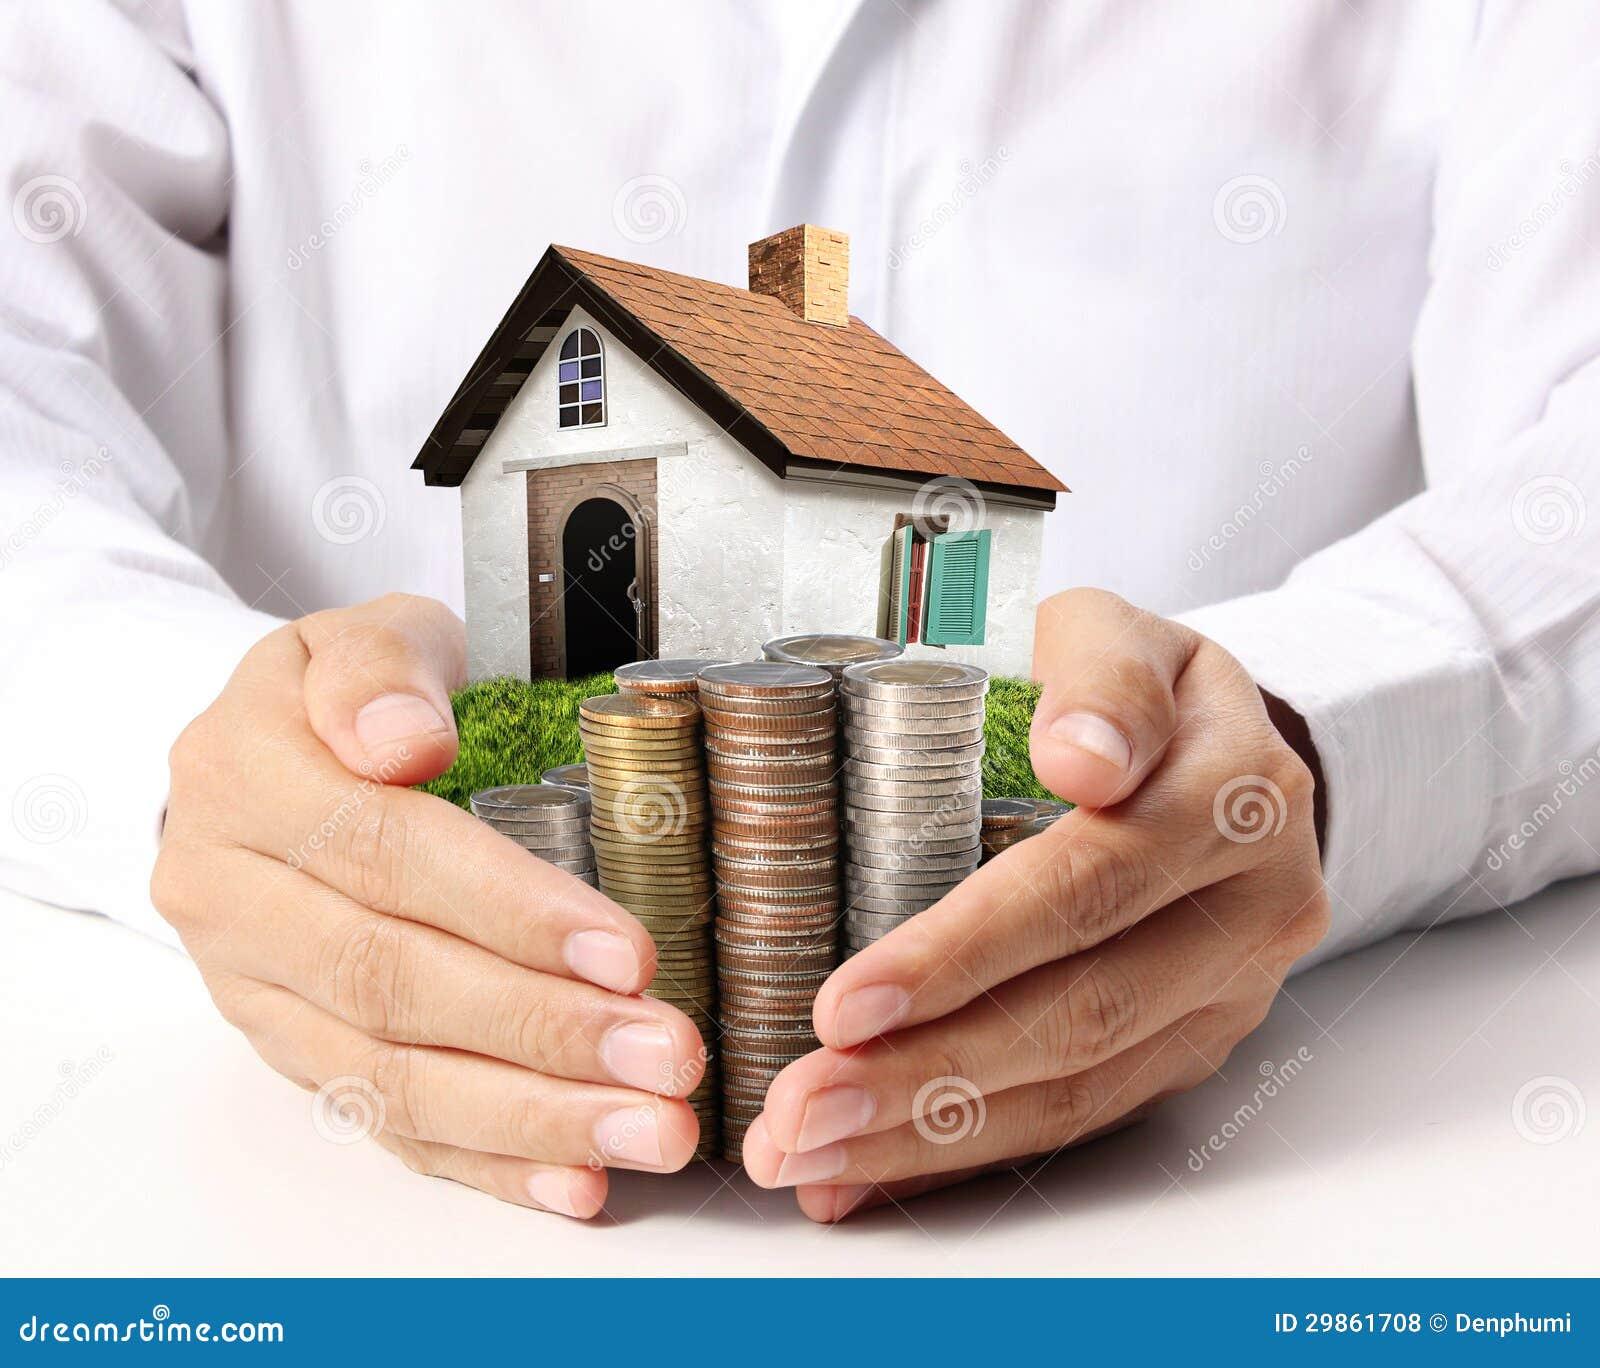 Προστατεύστε το σπίτι σας διαθέσιμο